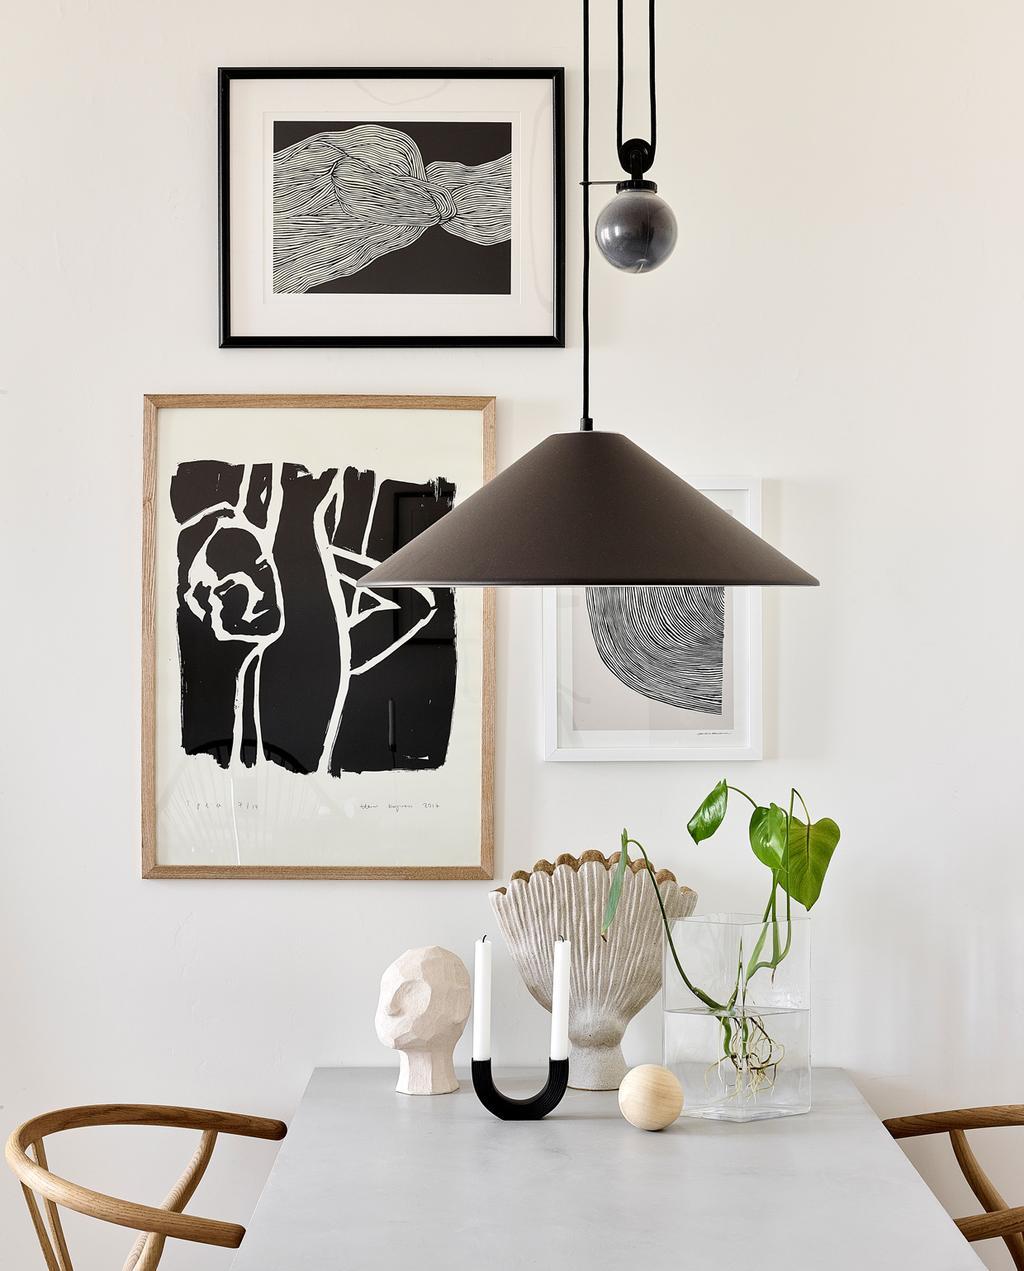 vtwonen special tiny houses | posters aan de muur met een zwarte lamp en lange tafel